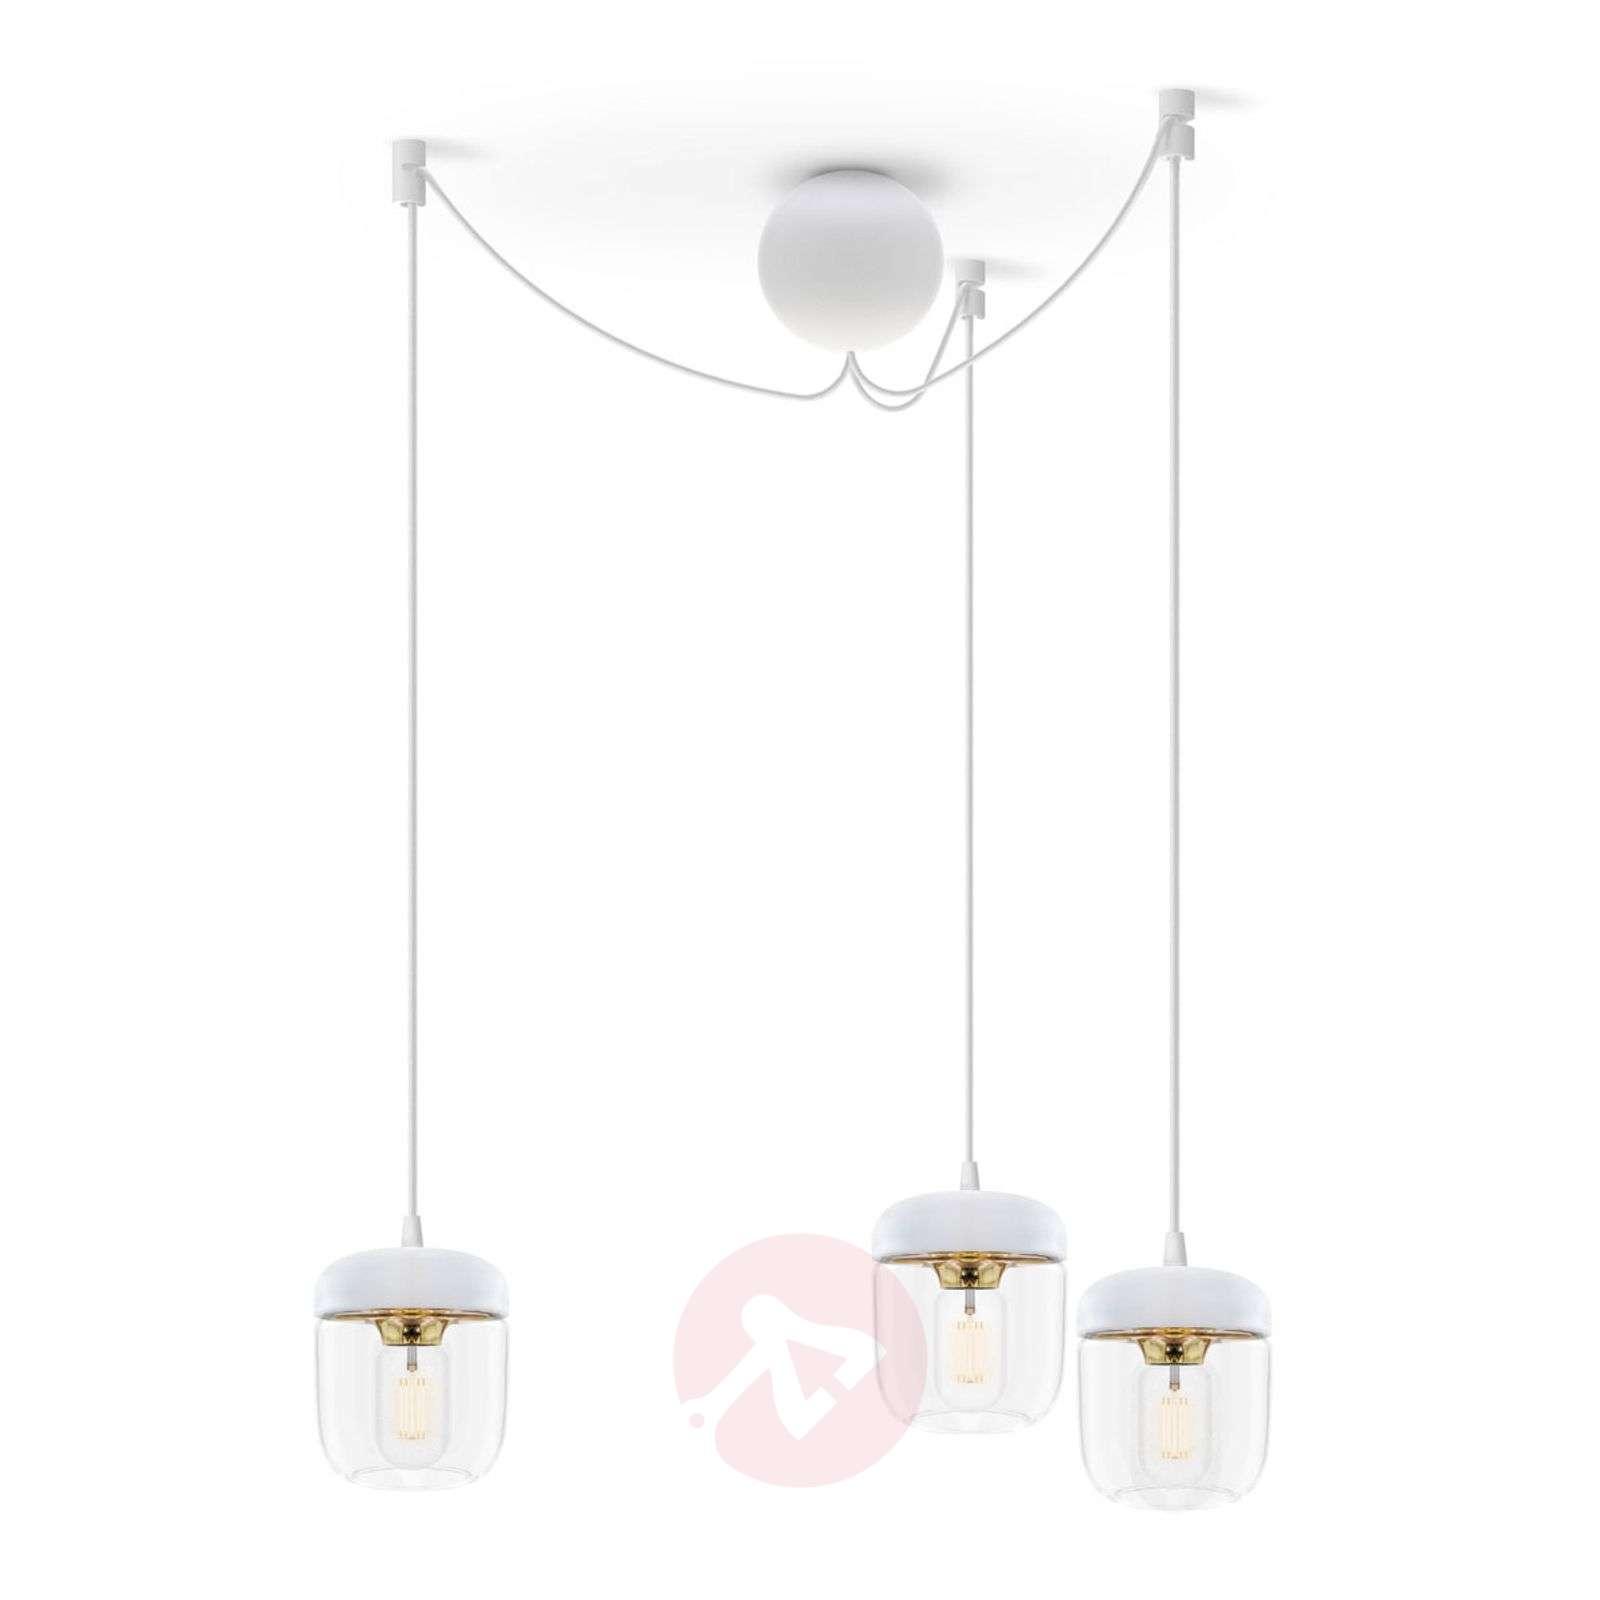 UMAGE Acorn hanging lamp three-bulb, white/brass-9521094-01